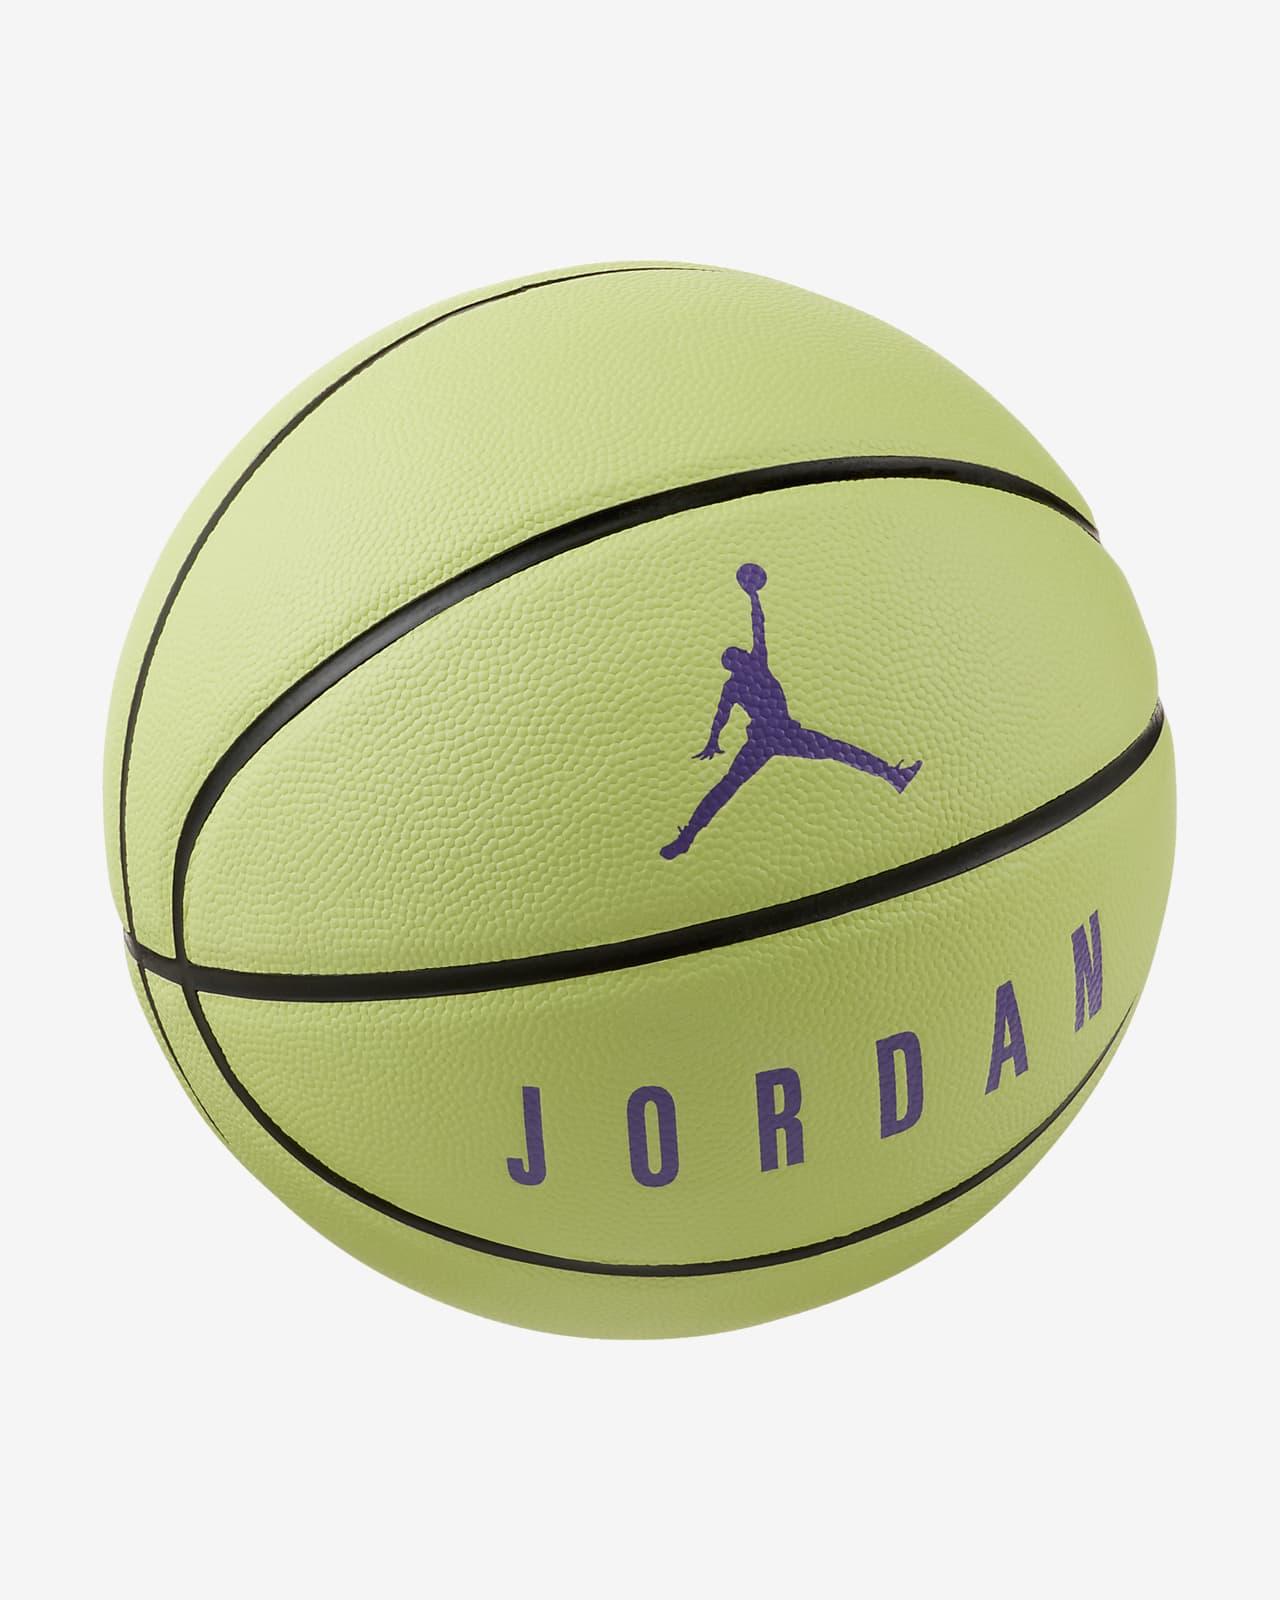 Jordan Ultimate 8P Basketball